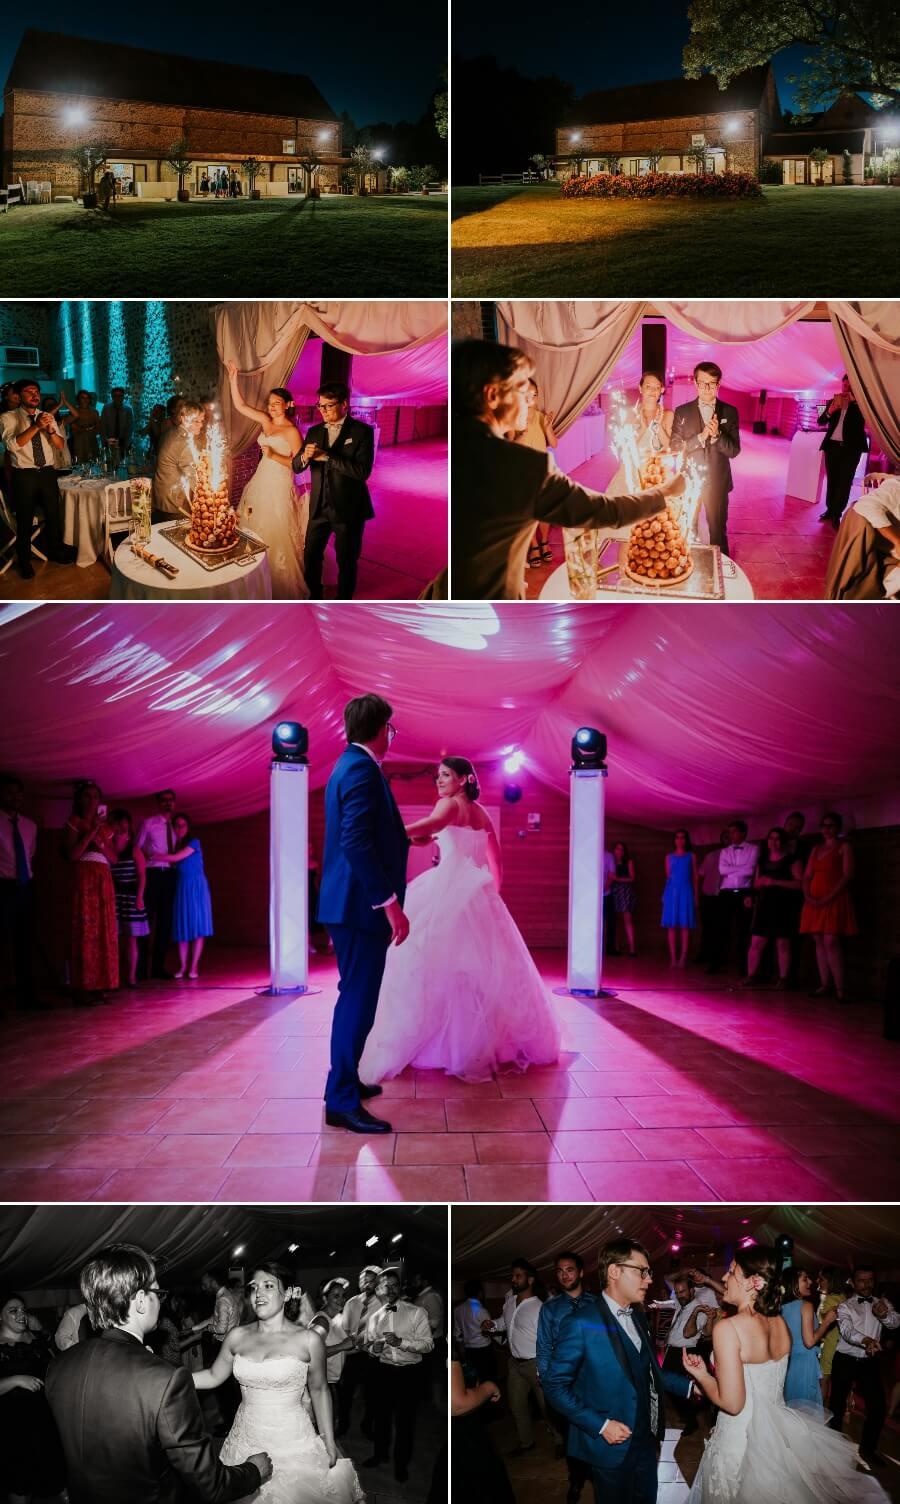 soirée dansante mariage pièce montée première danse moulin Ste Agnès Landelles Eure et Loir Chartres